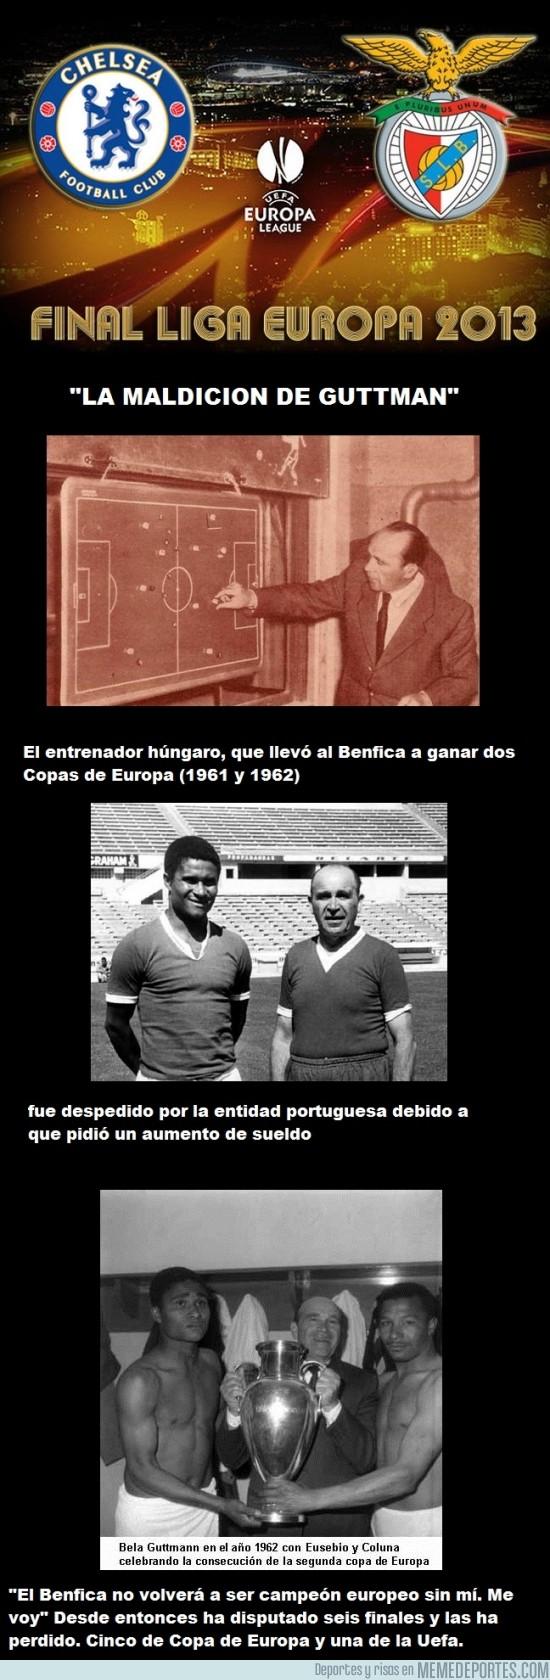 132284 - El Benfica, contra la larga maldición de Guttmann